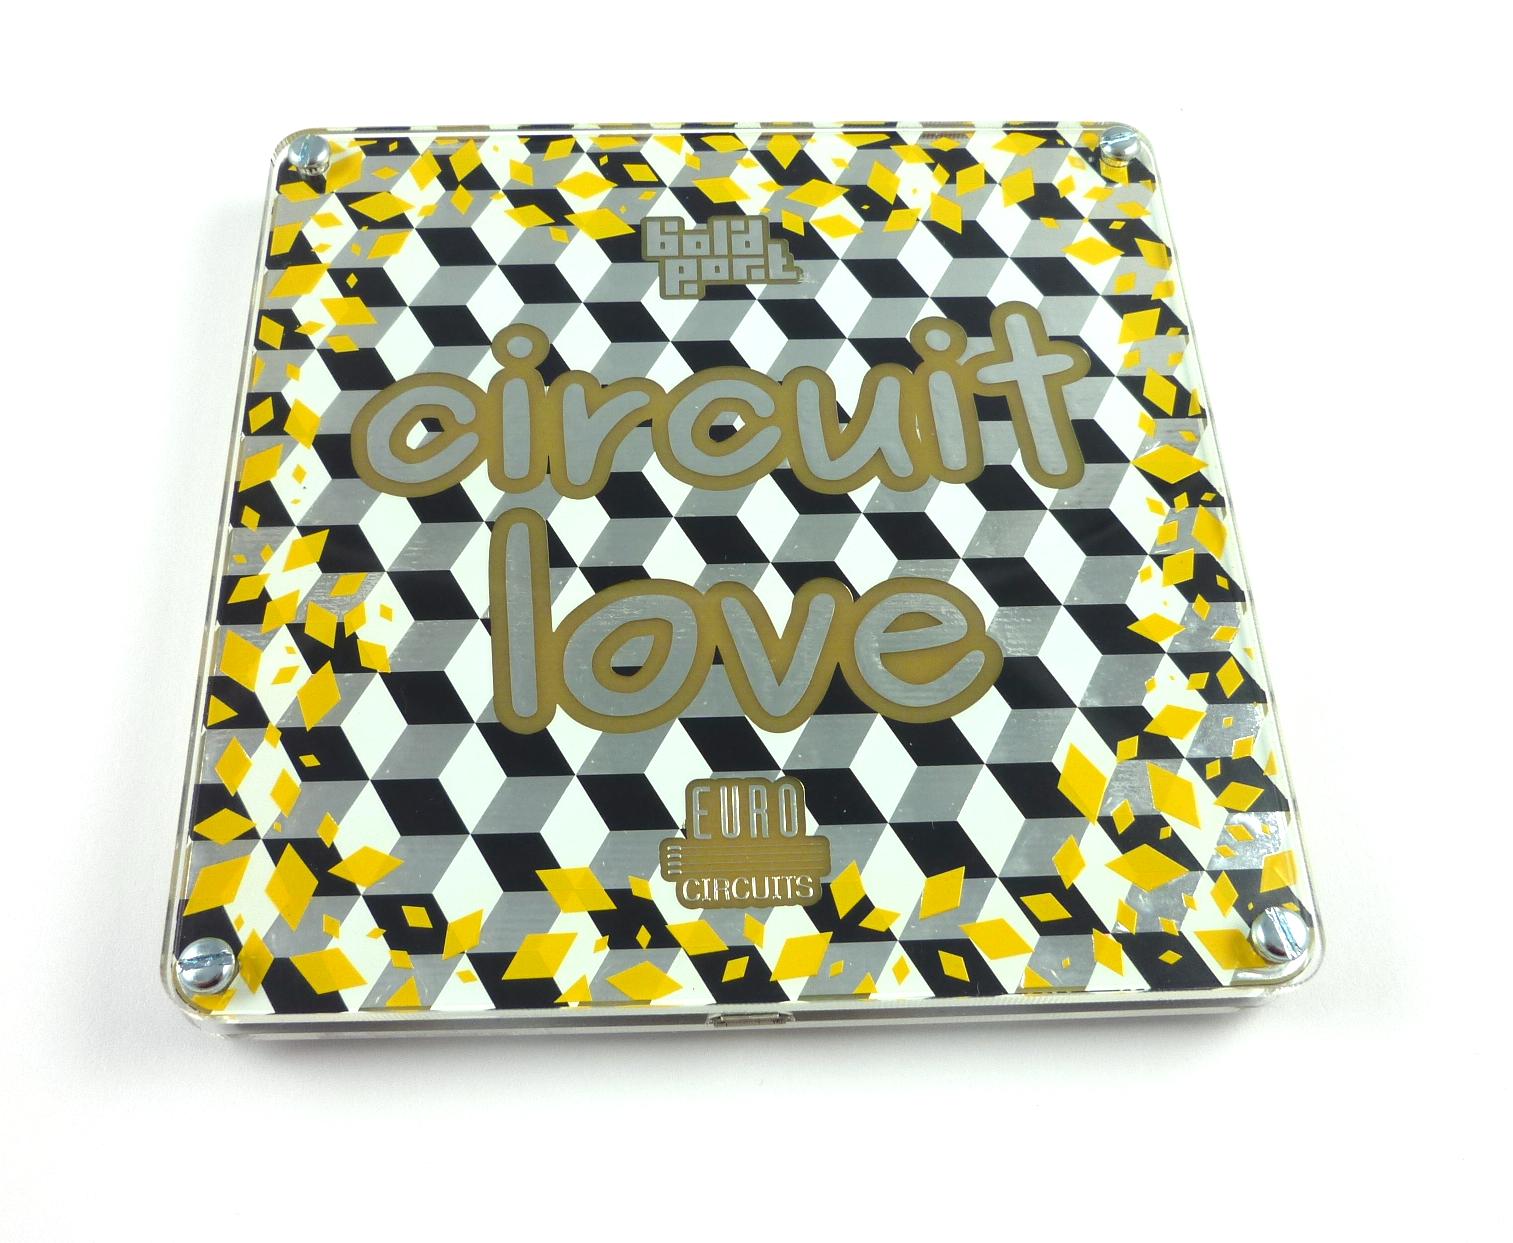 circuitlove-yellow-top.png